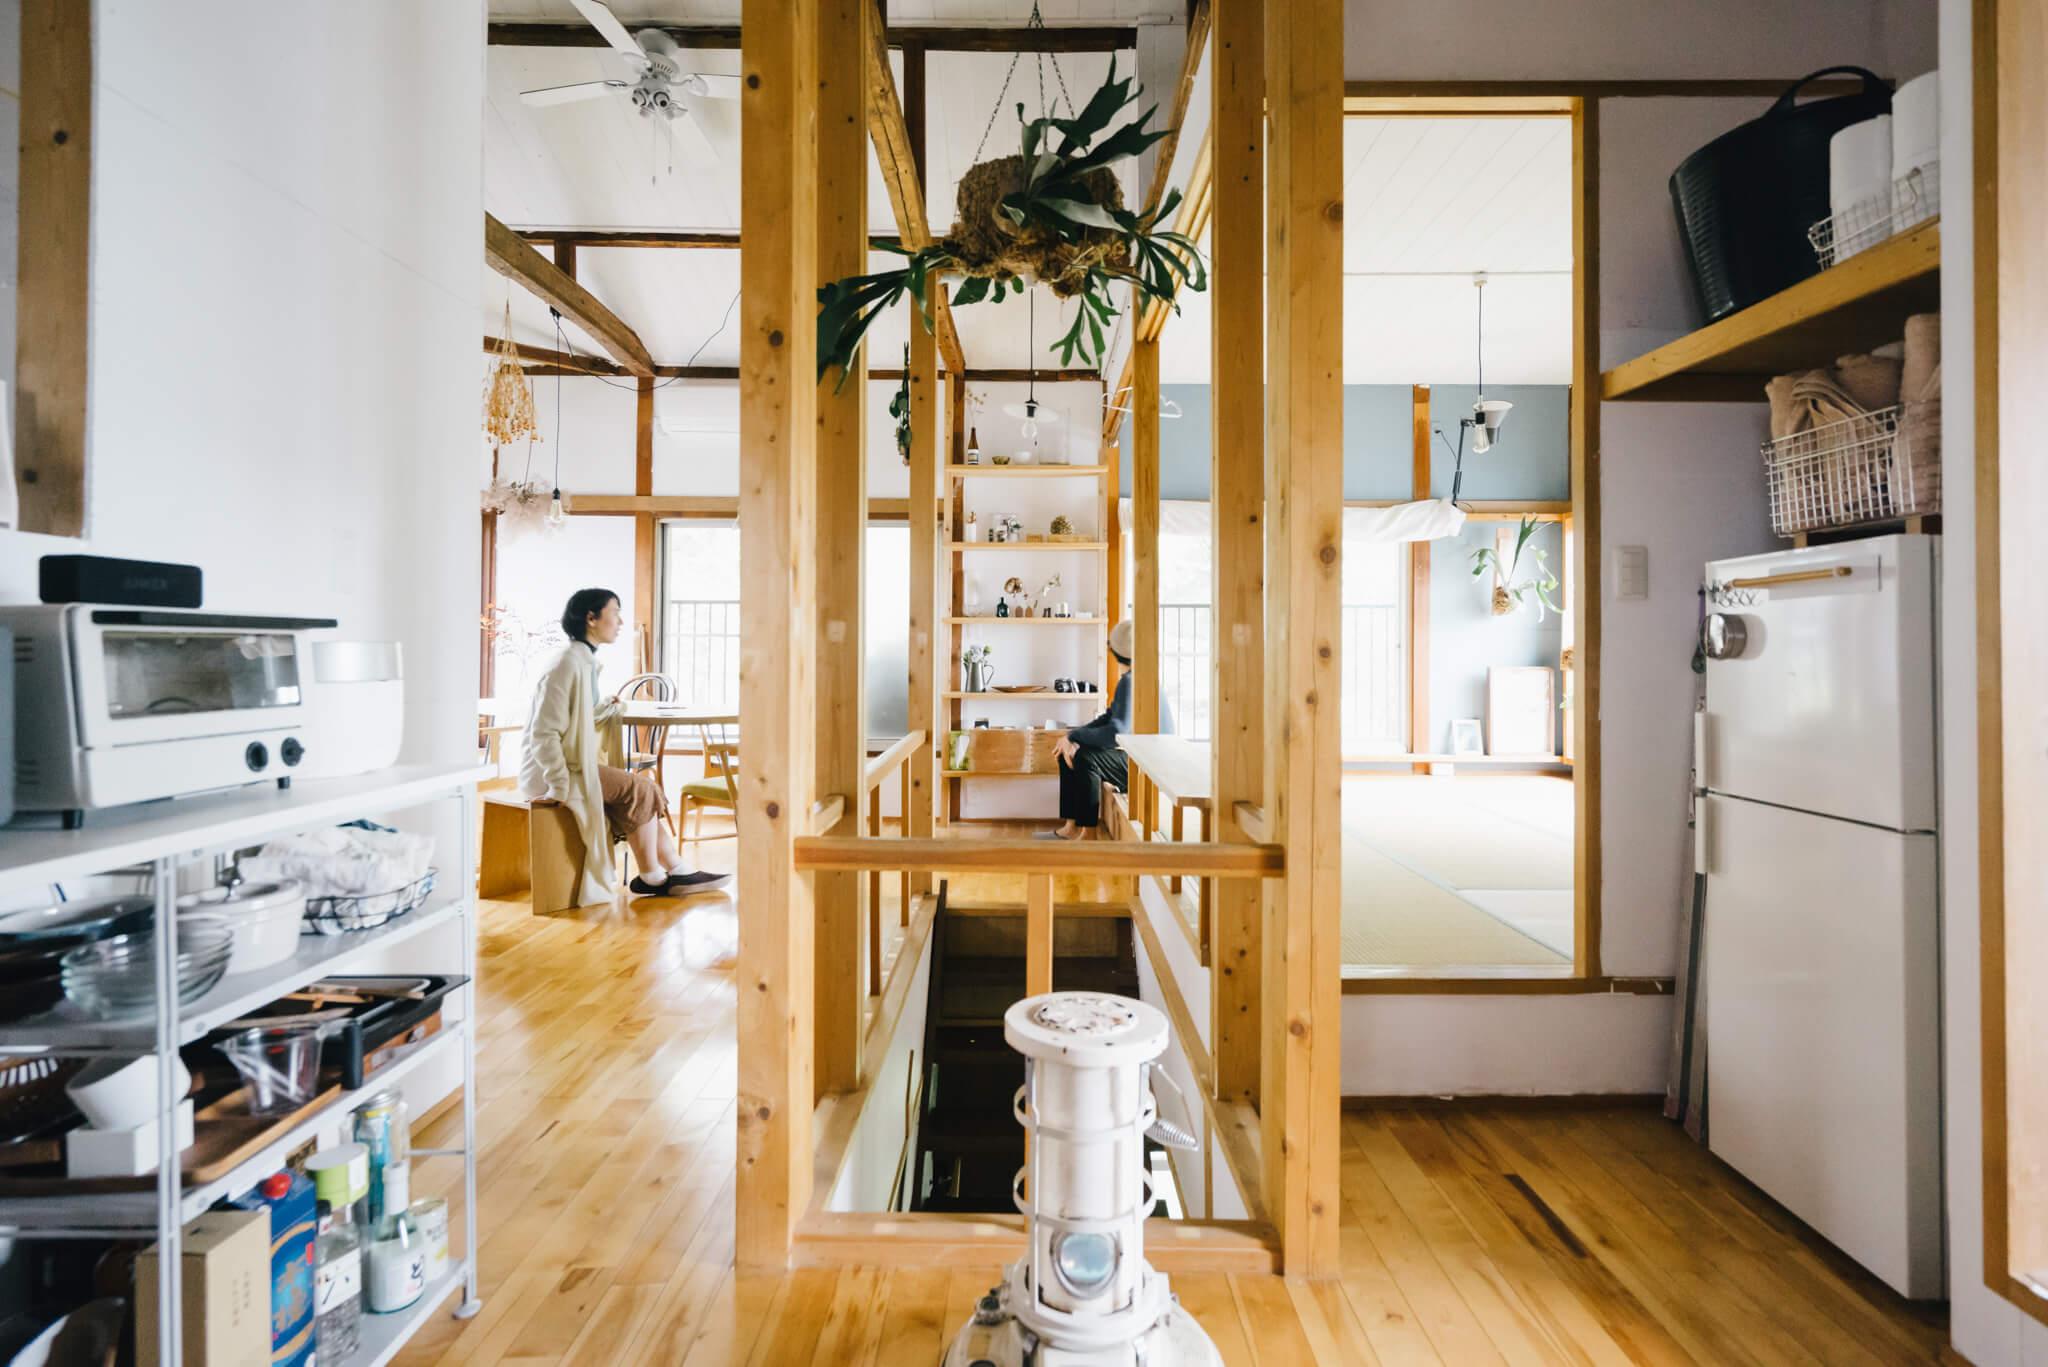 キッチンから、リビング・ダイニングのスペース、それに寝室にしている畳の小上がりまで、ゆるく仕切られながらひとつの開放的な空間に。